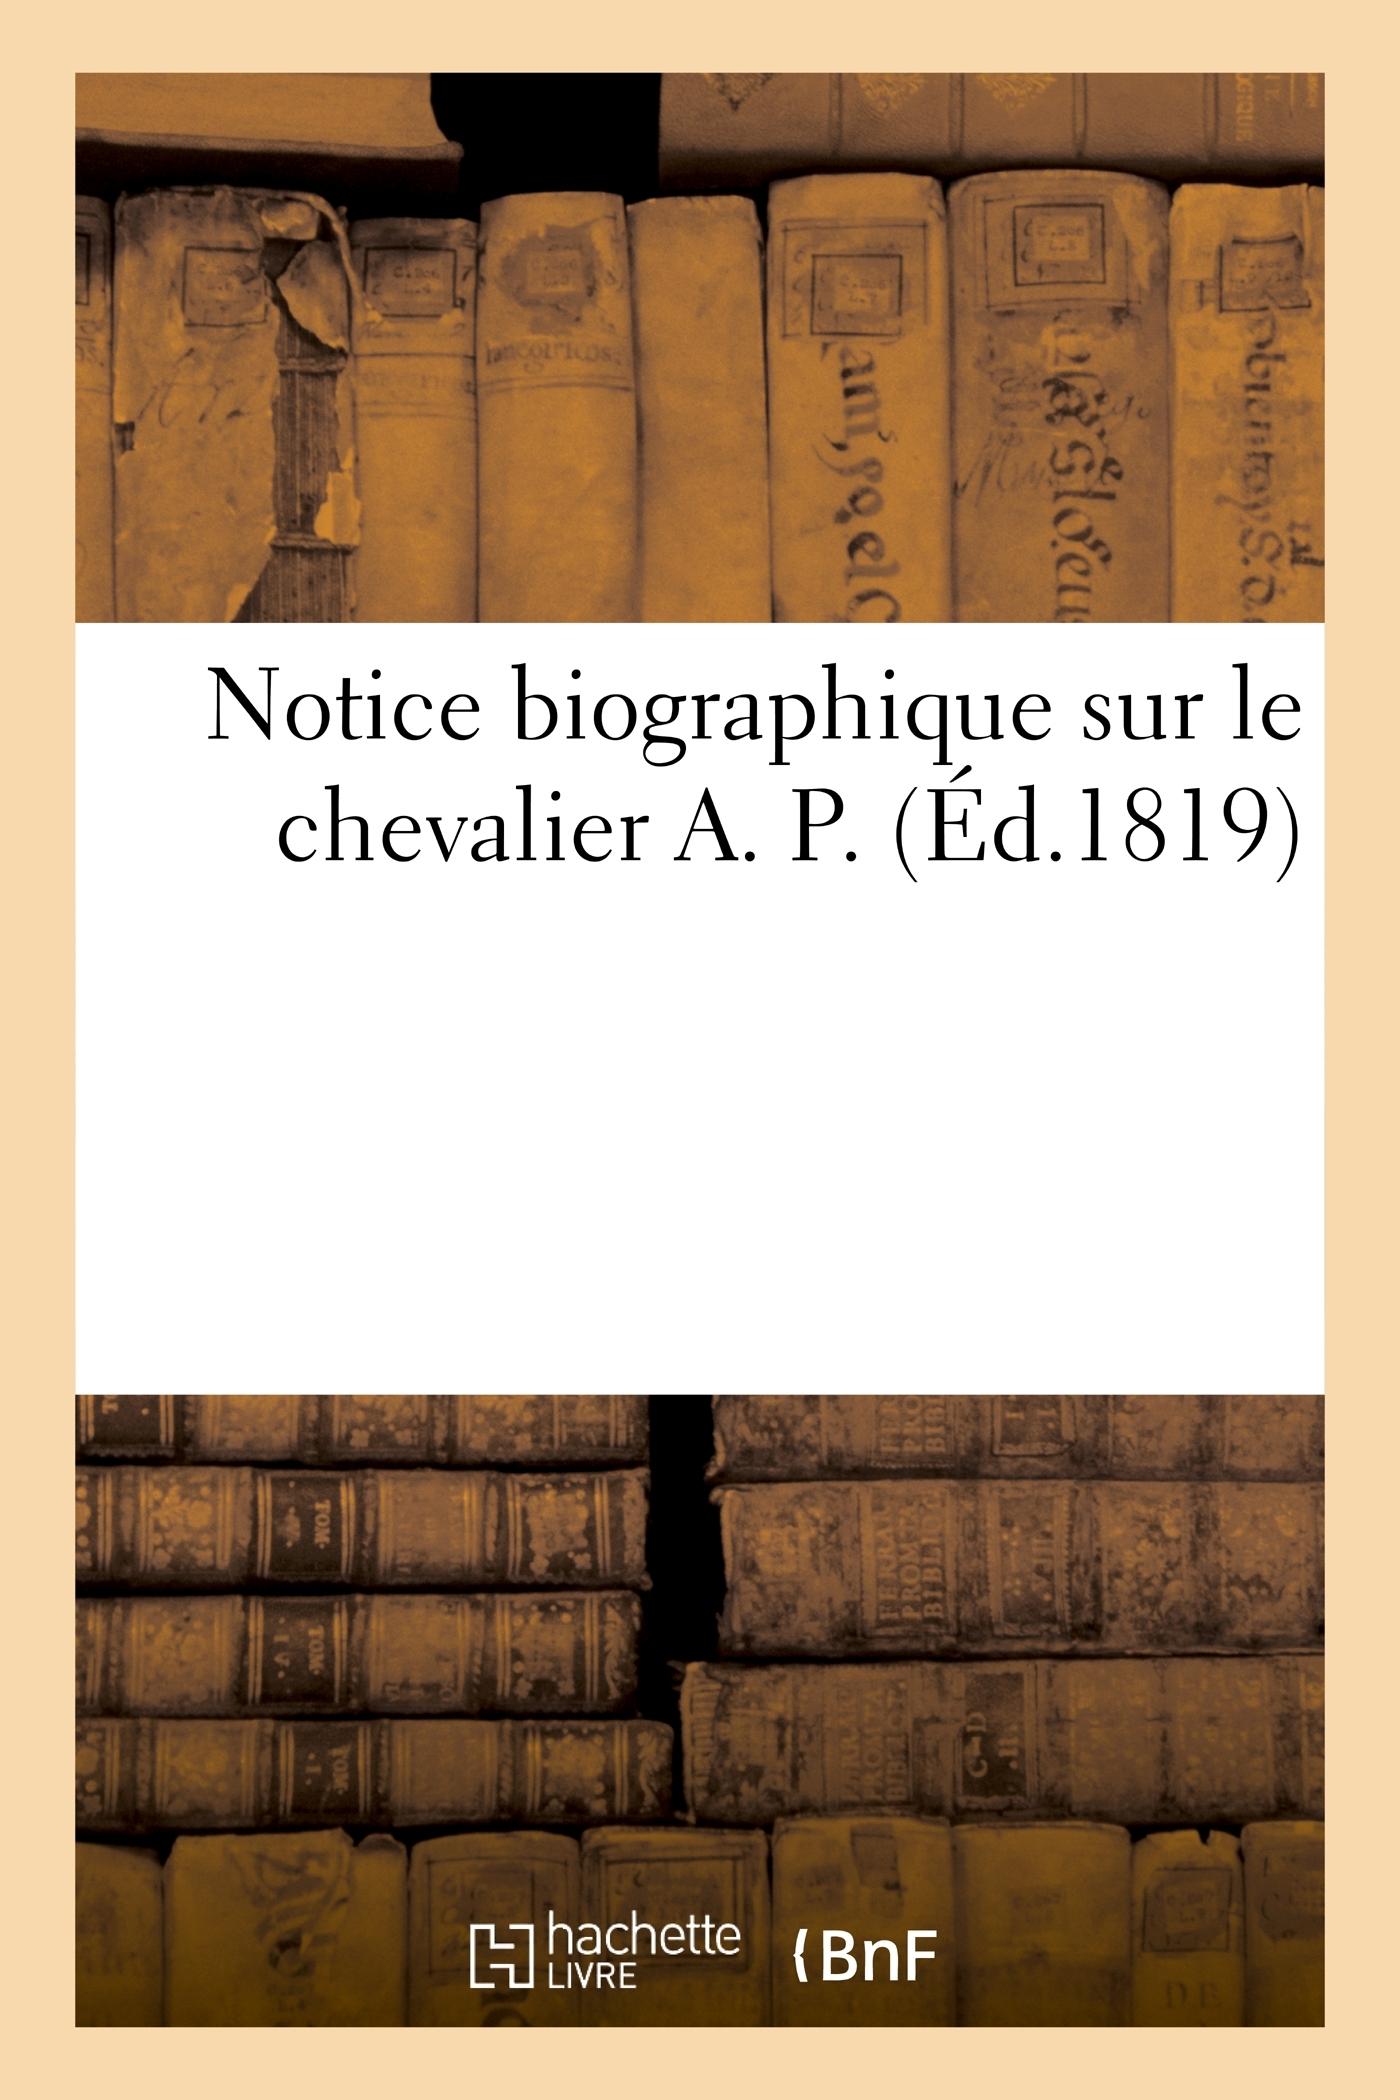 NOTICE BIOGRAPHIQUE SUR LE CHEVALIER A. P.